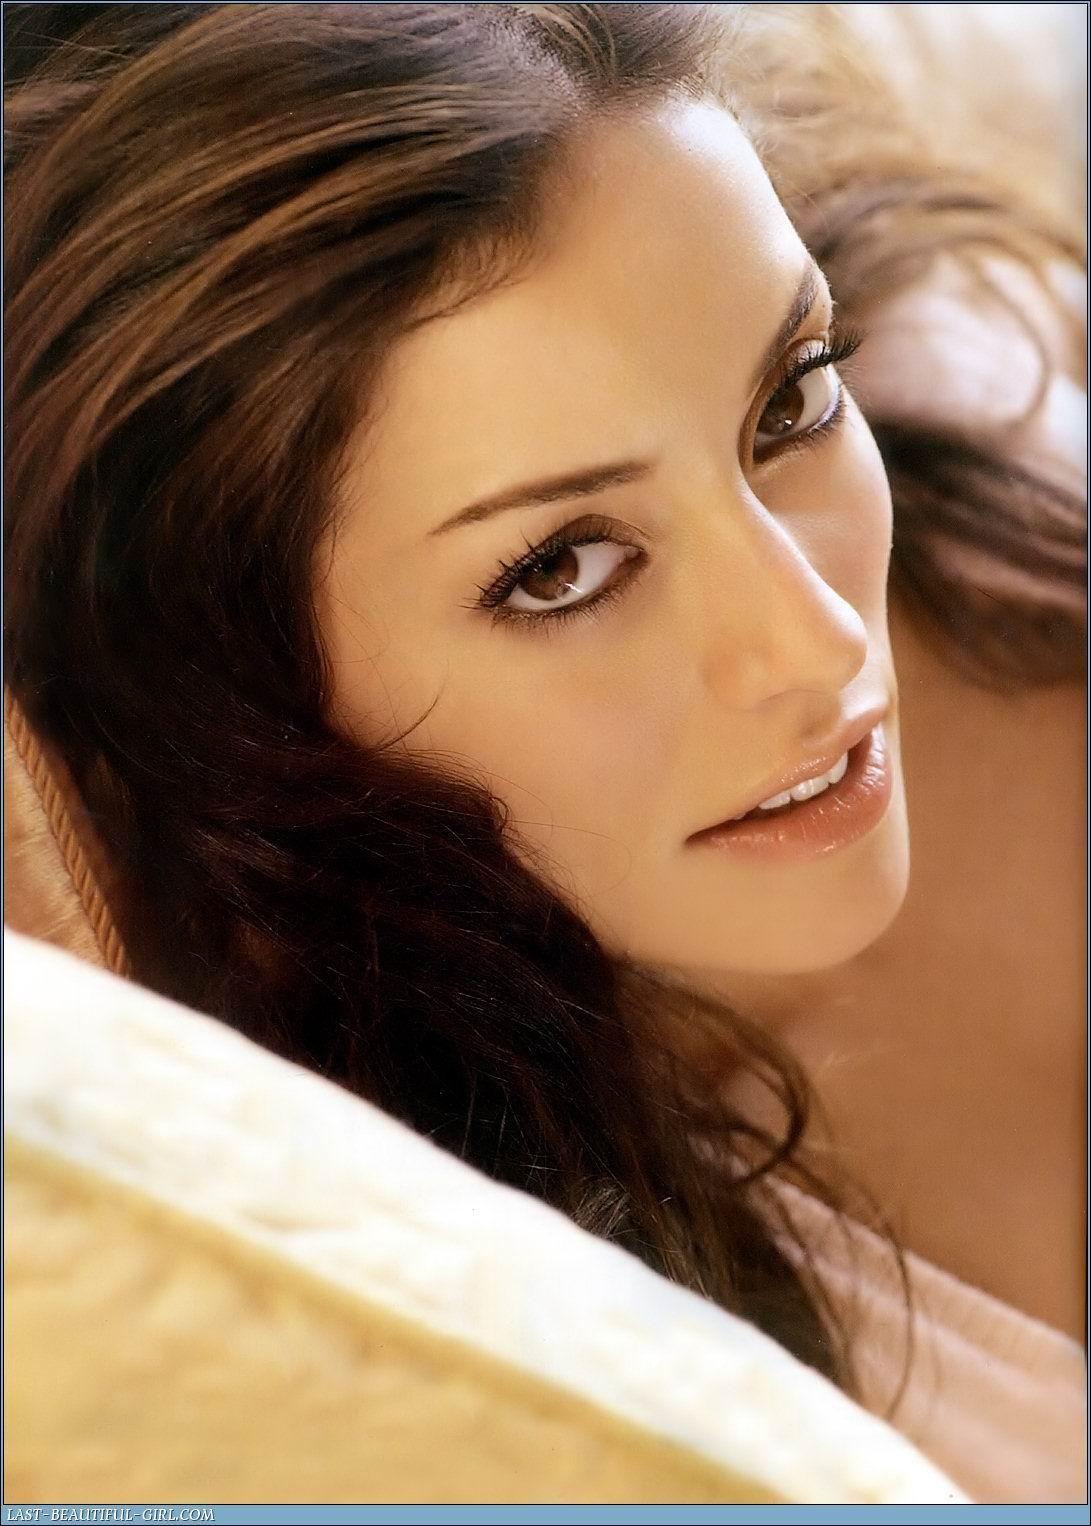 http://2.bp.blogspot.com/_rGbuSF9XoUU/TMp2OcukVNI/AAAAAAAAQRs/JLISCzq1jno/s1600/Emmanuelle_Vaugier_002.jpg